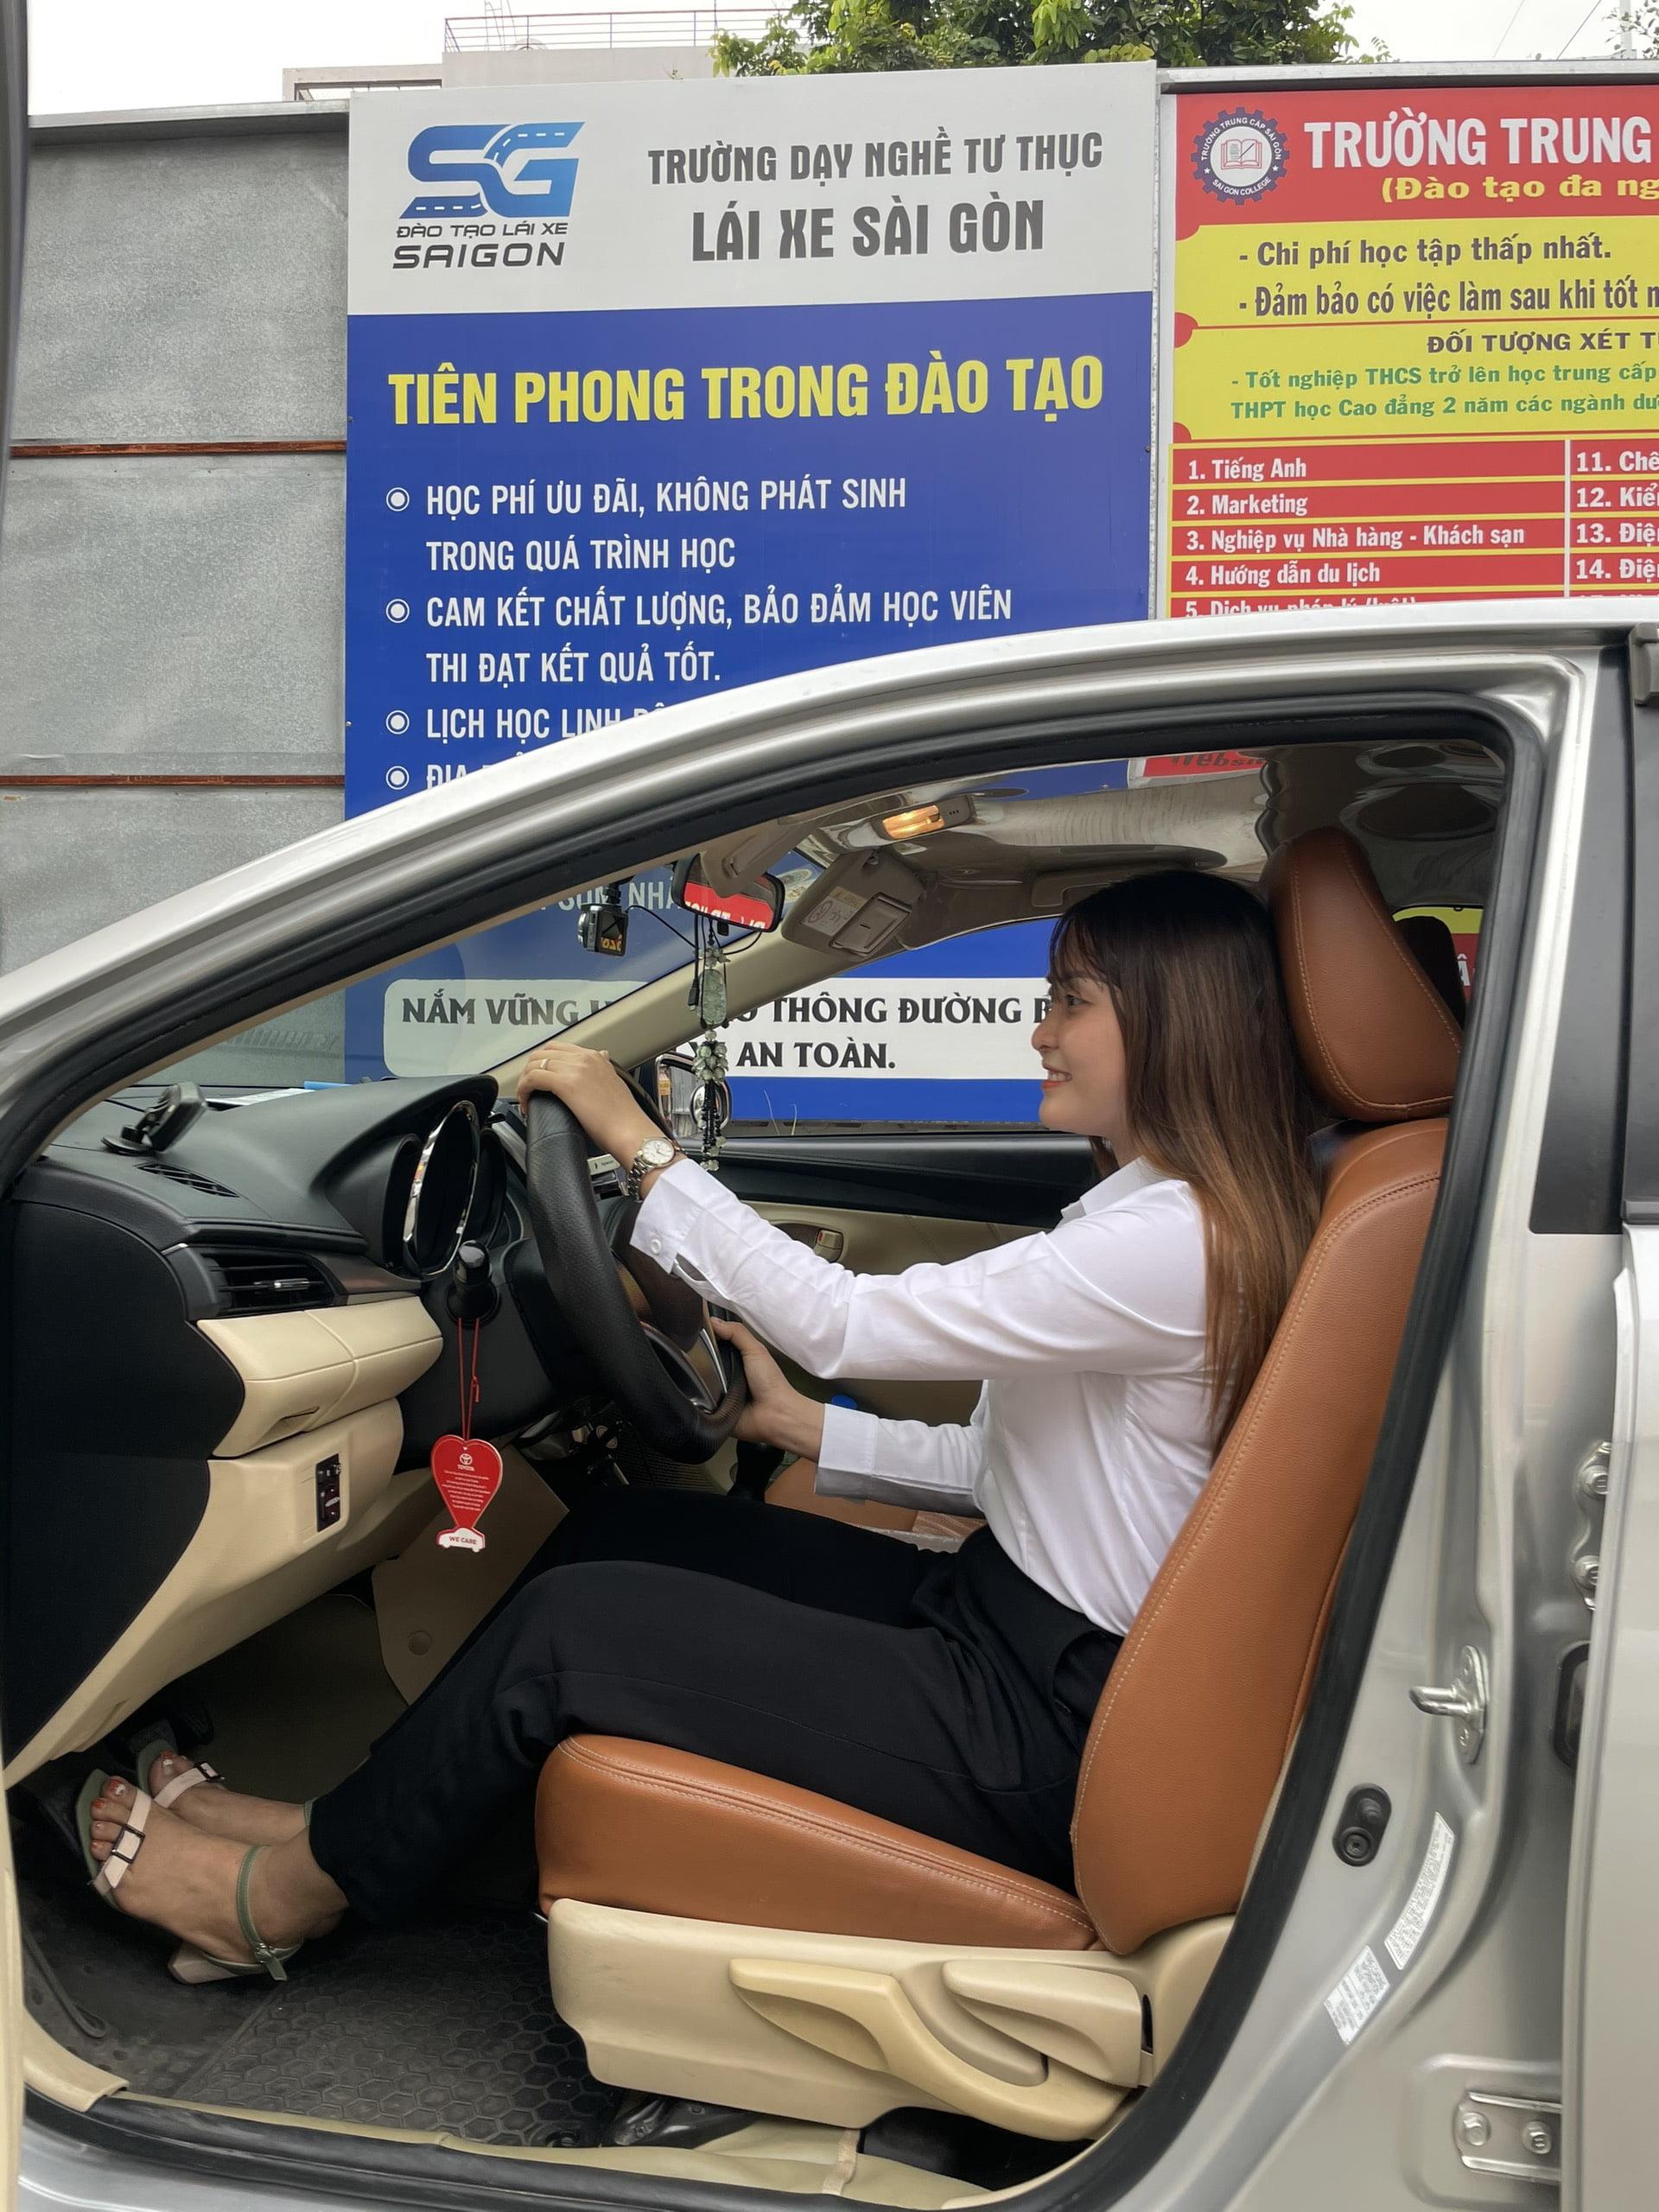 Khoá học lái xe tại LAIXESAIGON đã bao gồm toàn bộ chi phí: thuê xe học lái, chi phí xăng xe, lương giáo viên, tiền ôn thi,...